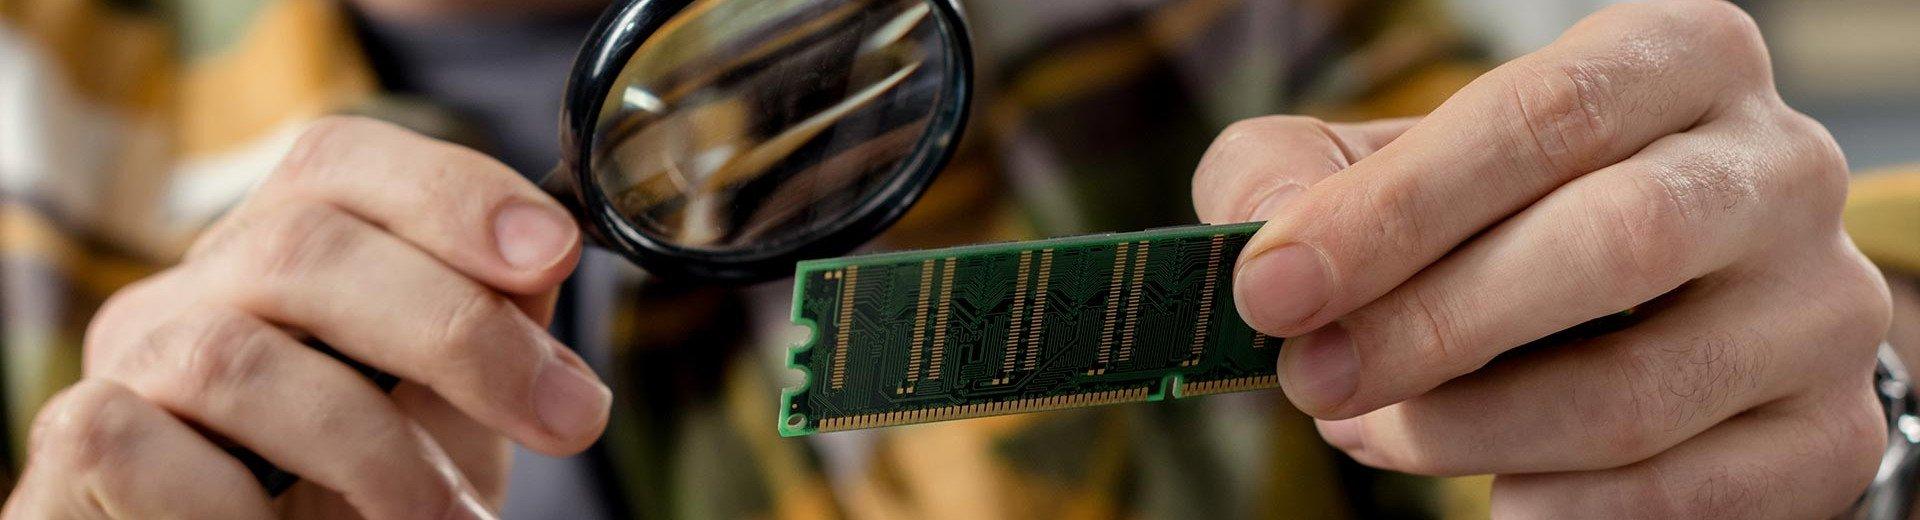 Okładka artykułu Ile RAMu potrzebujemy, aby projektować? — Przegląd wymagań programów graficznych